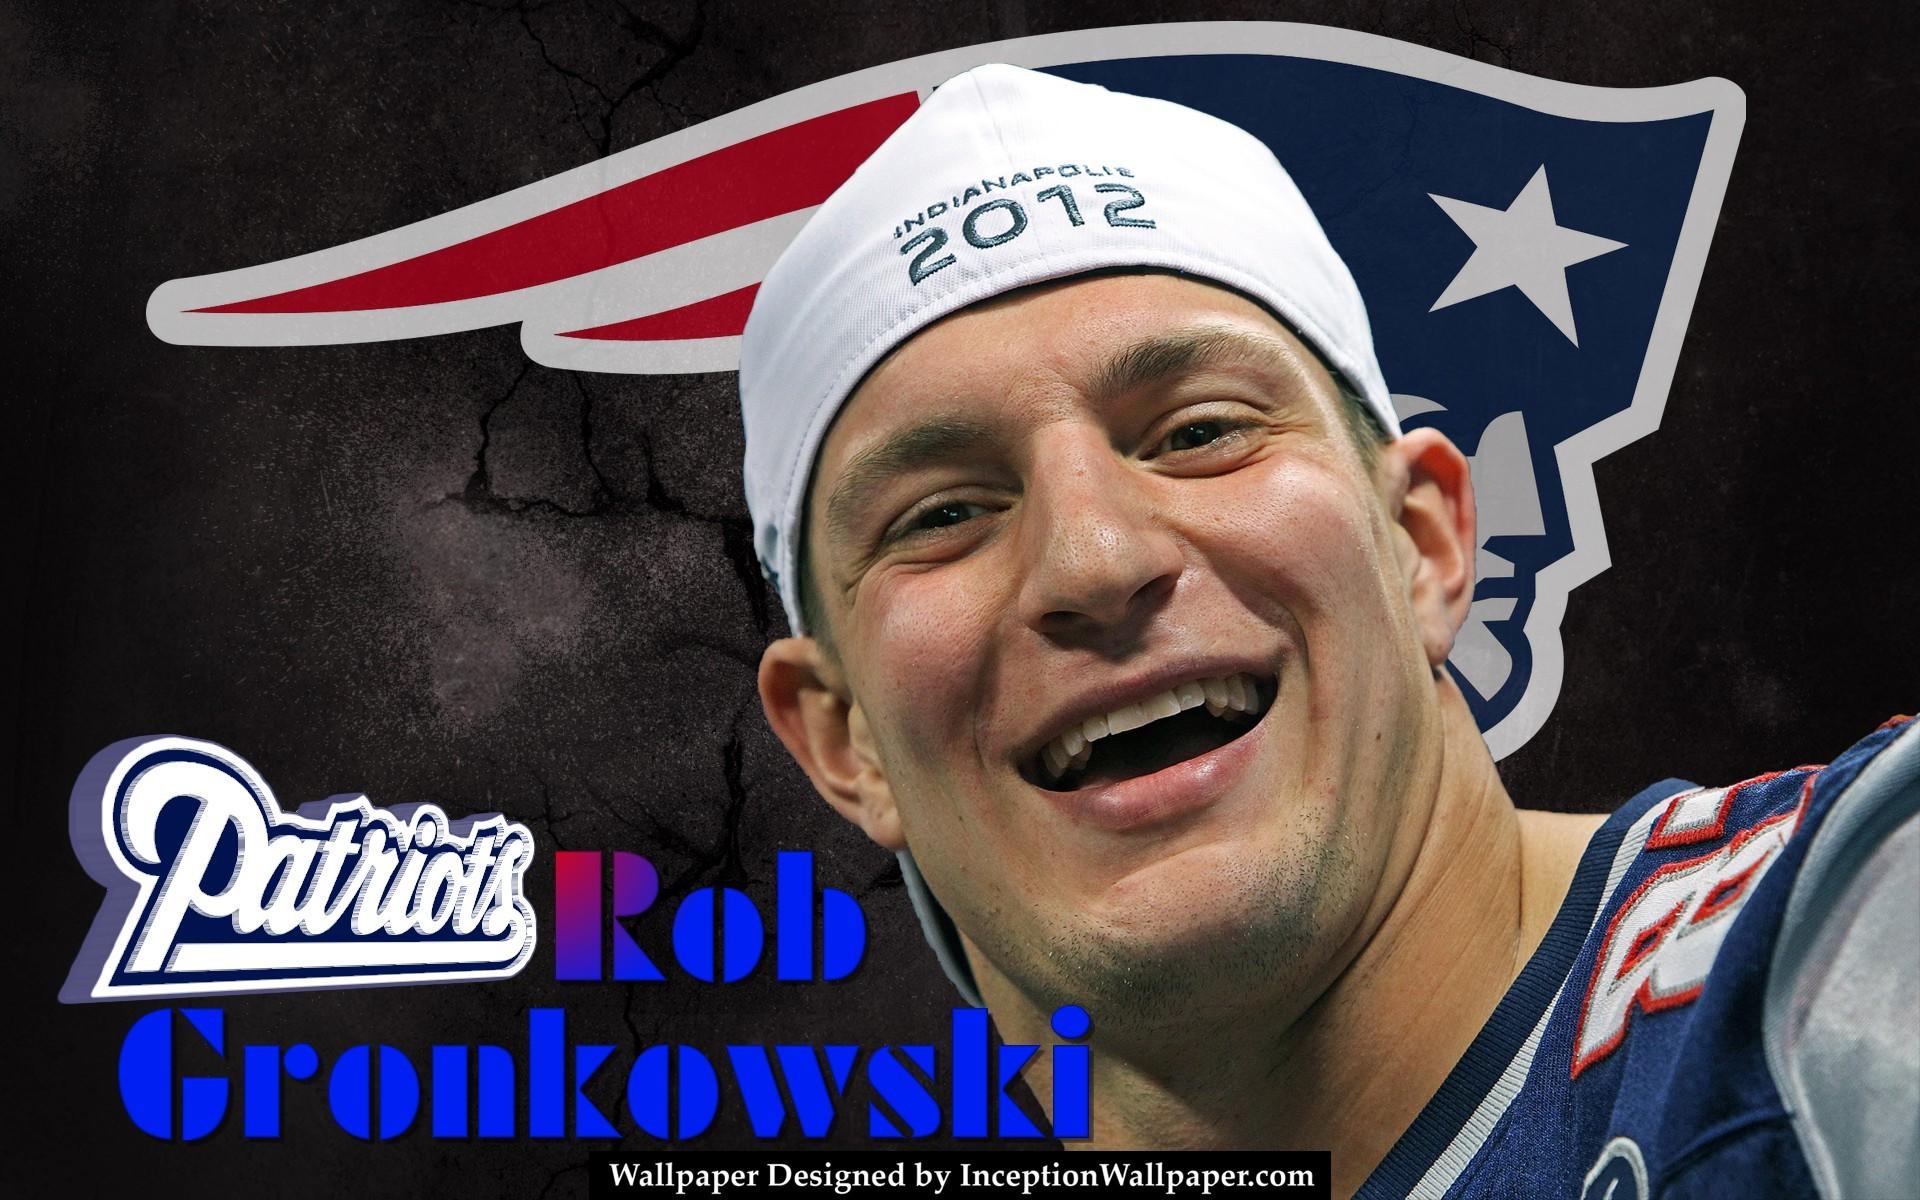 Rob Gronkowski Wallpaper